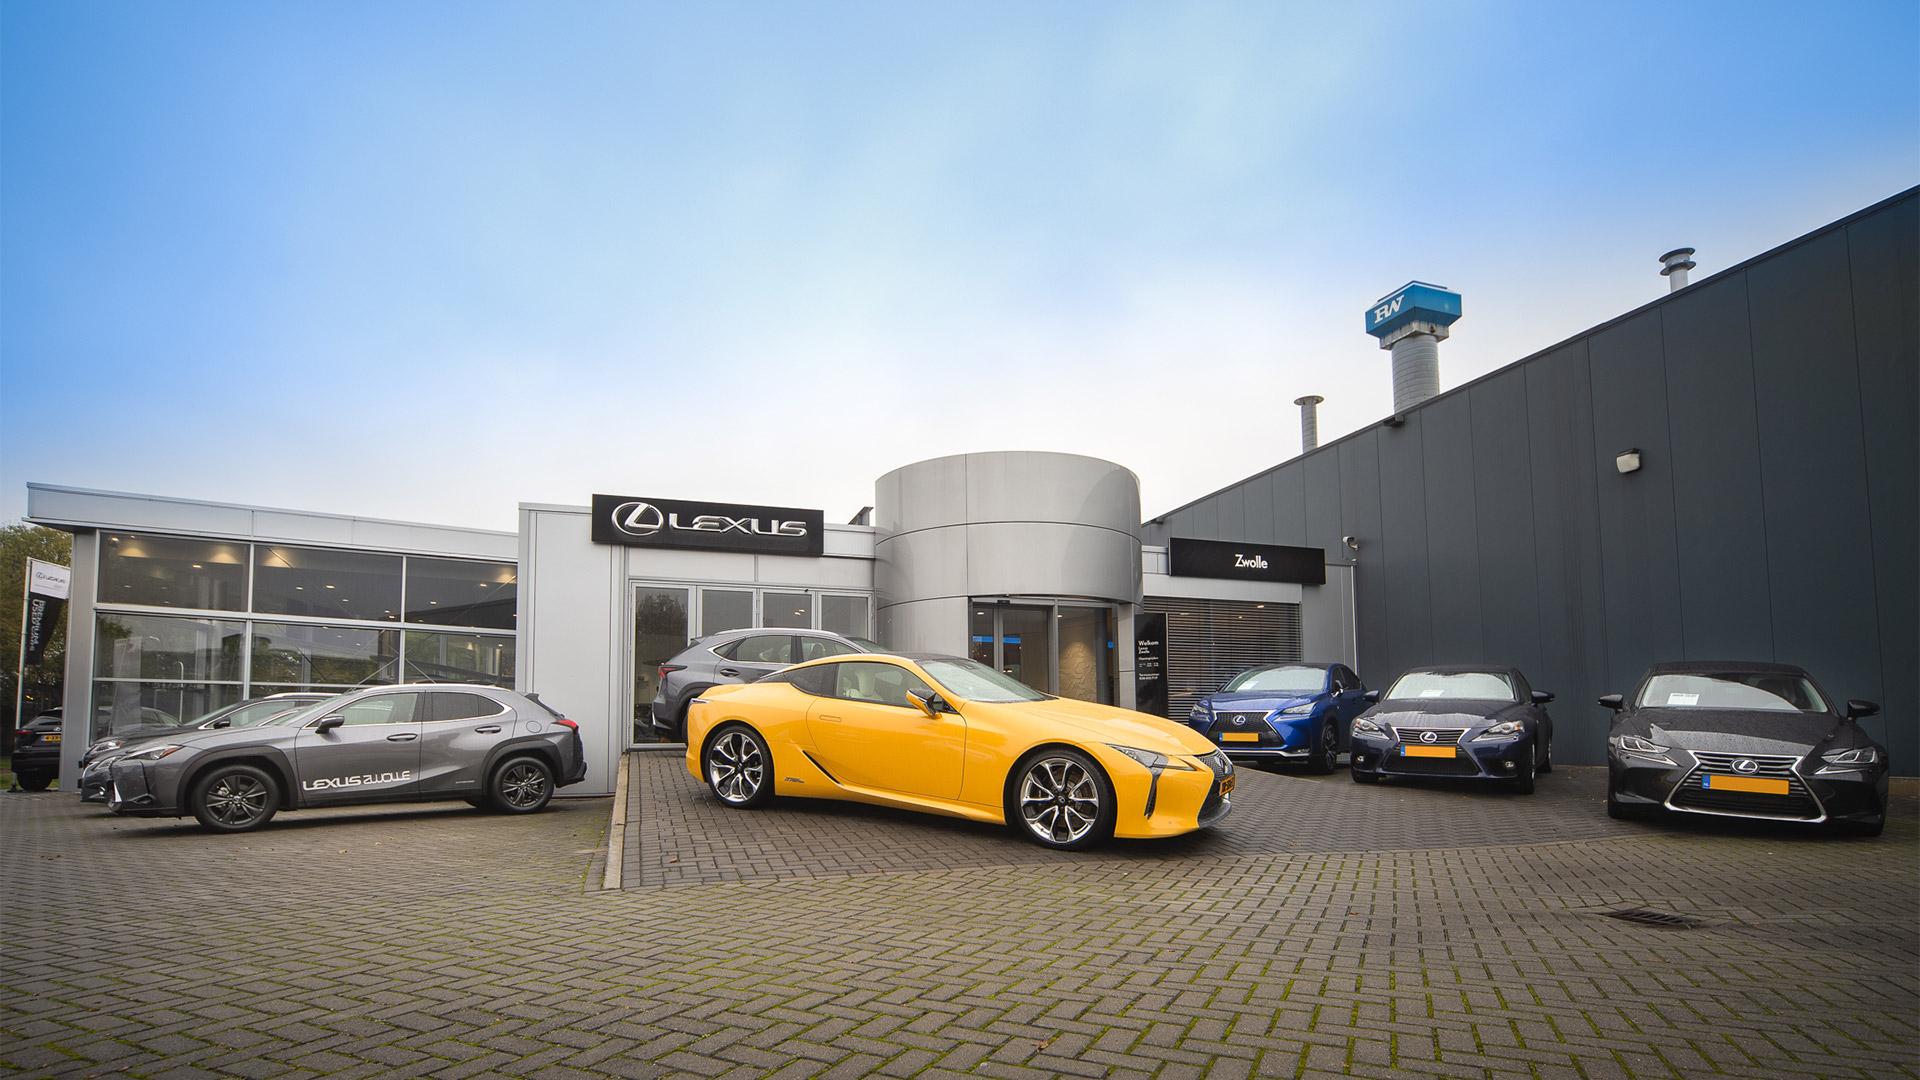 Afbeelding van het pand van Lexus Zwolle